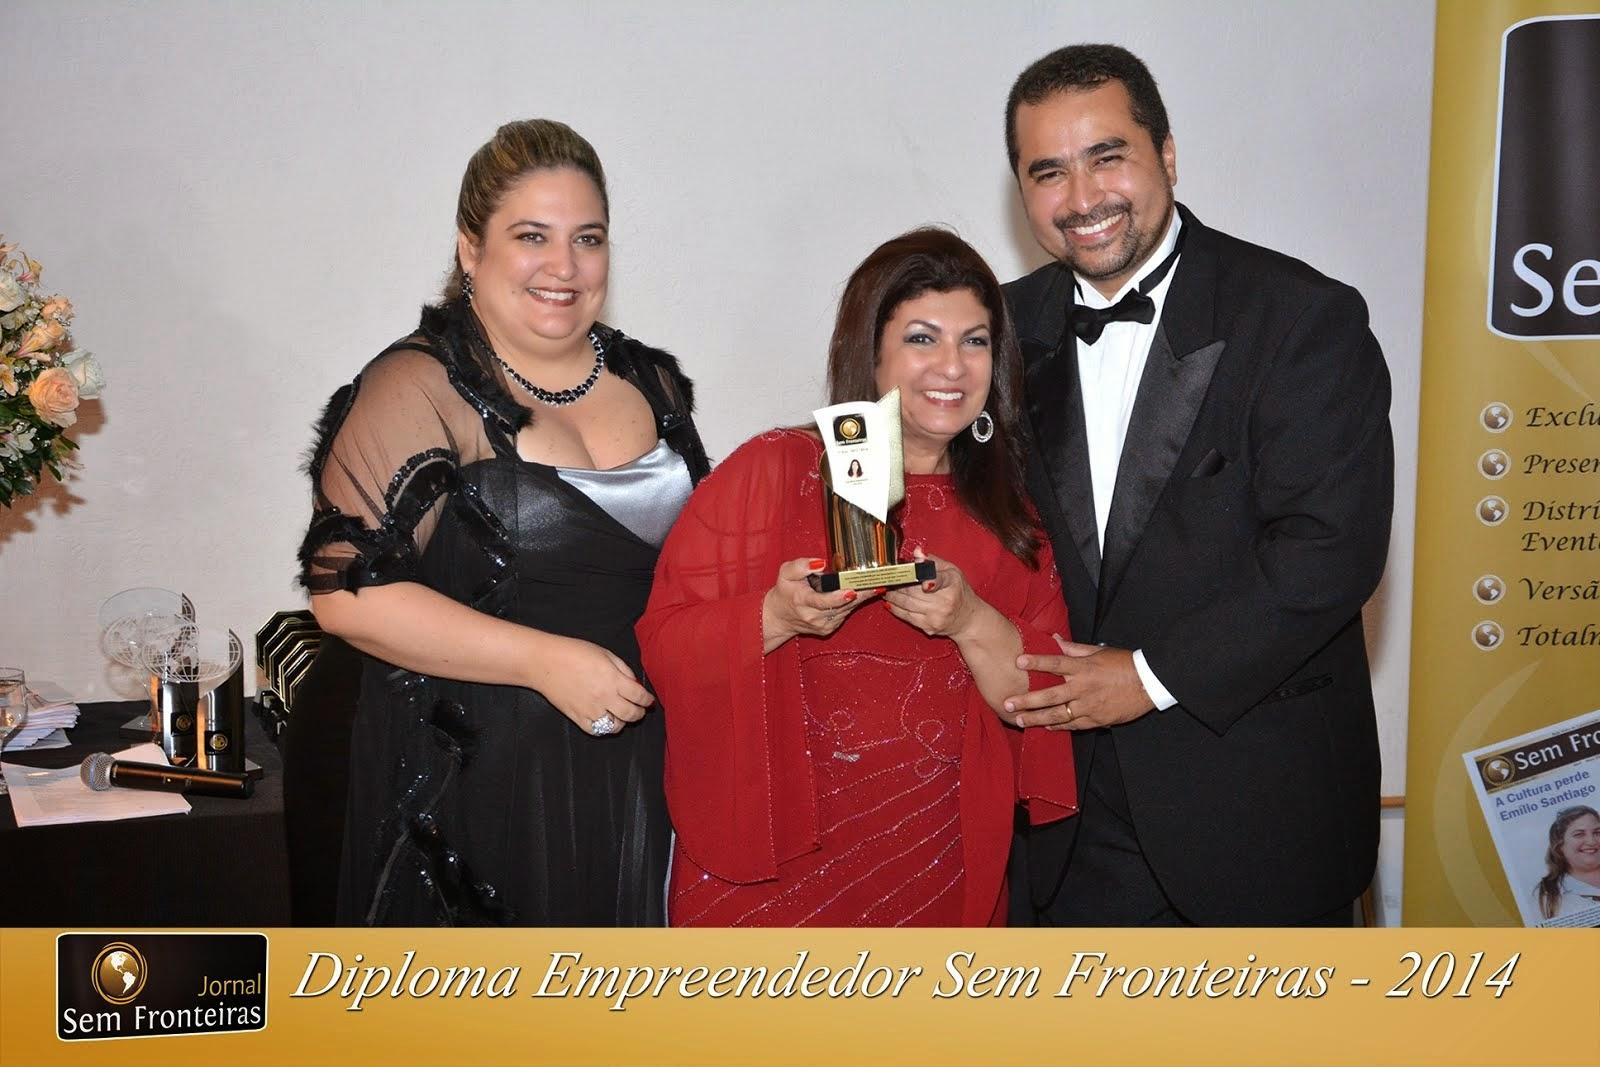 Recebendo o troféu COLUNISTA SEM FRONTEIRAS